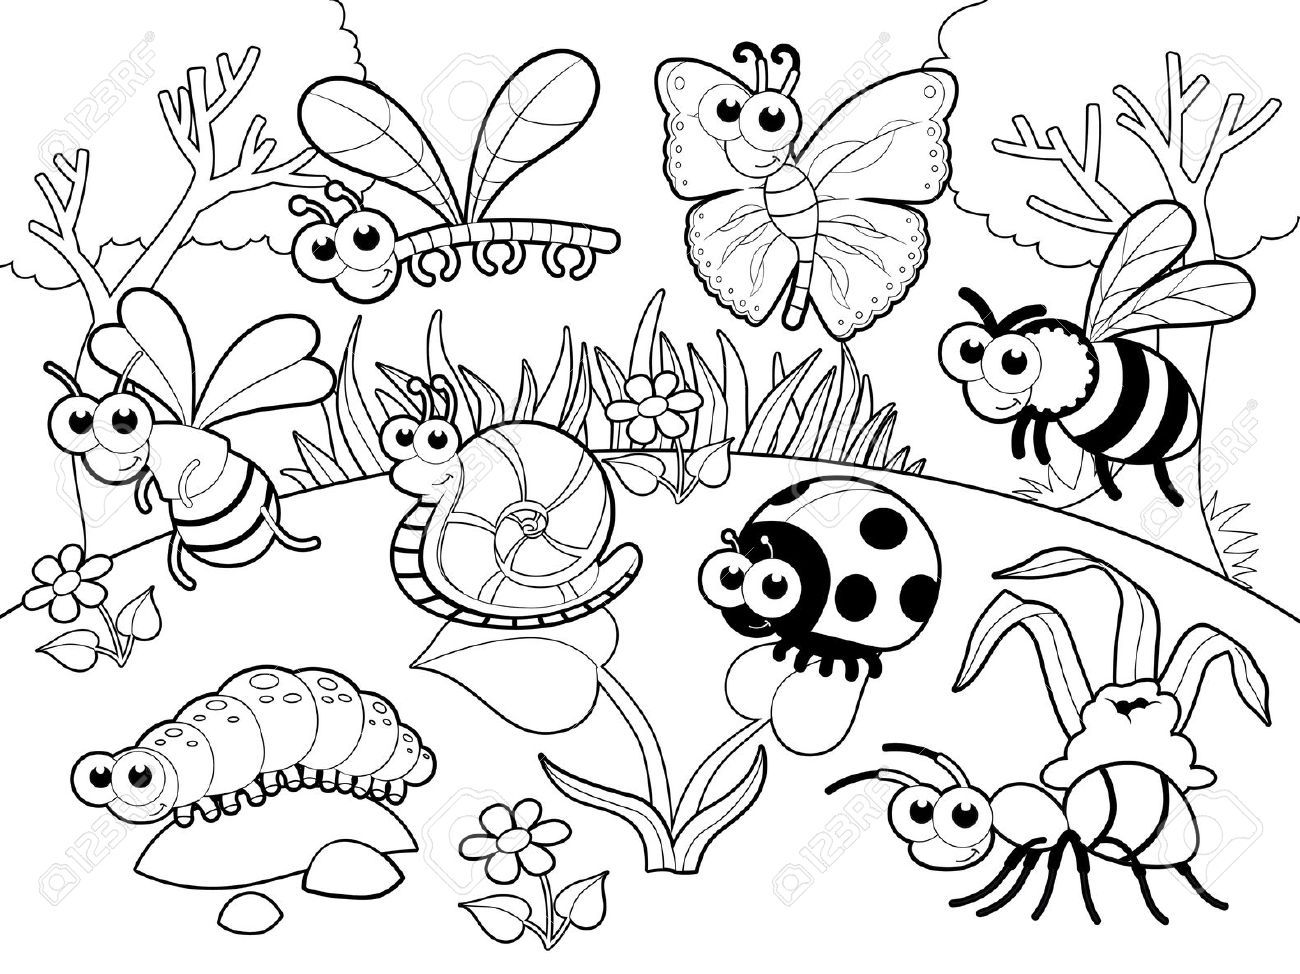 17 mejores imgenes de LOS INSECTOS en Pinterest  Insectos